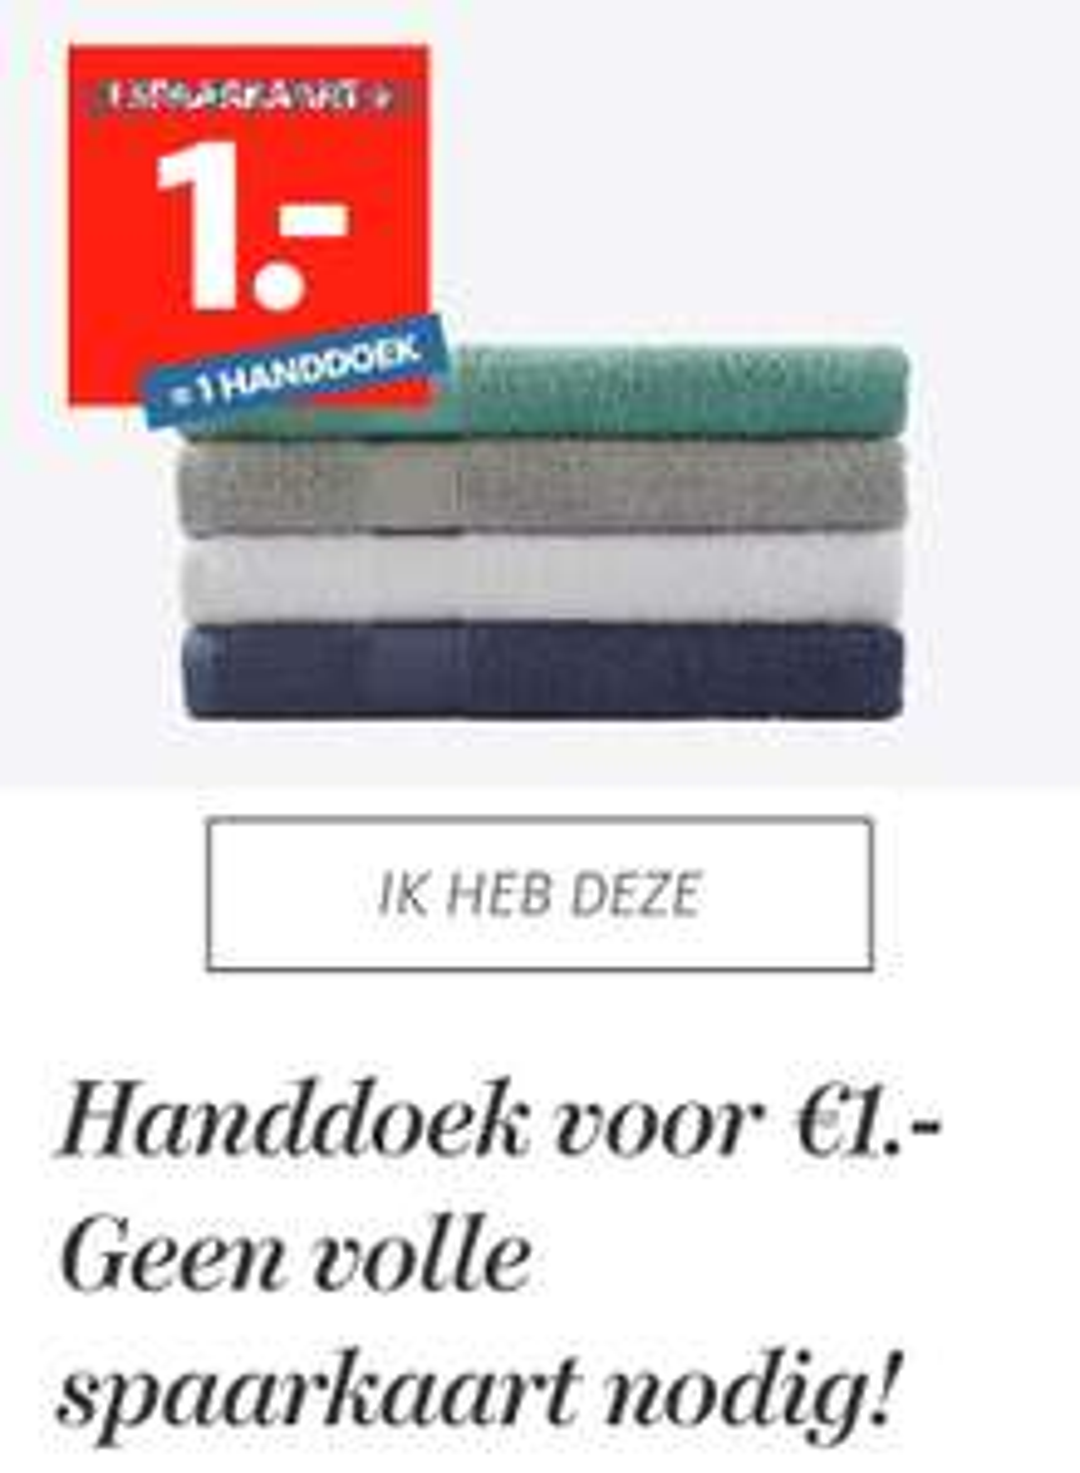 Handdoek voor €1,- bij Etos zonder spaarkaart (alleen voor Etos app gebruikers)